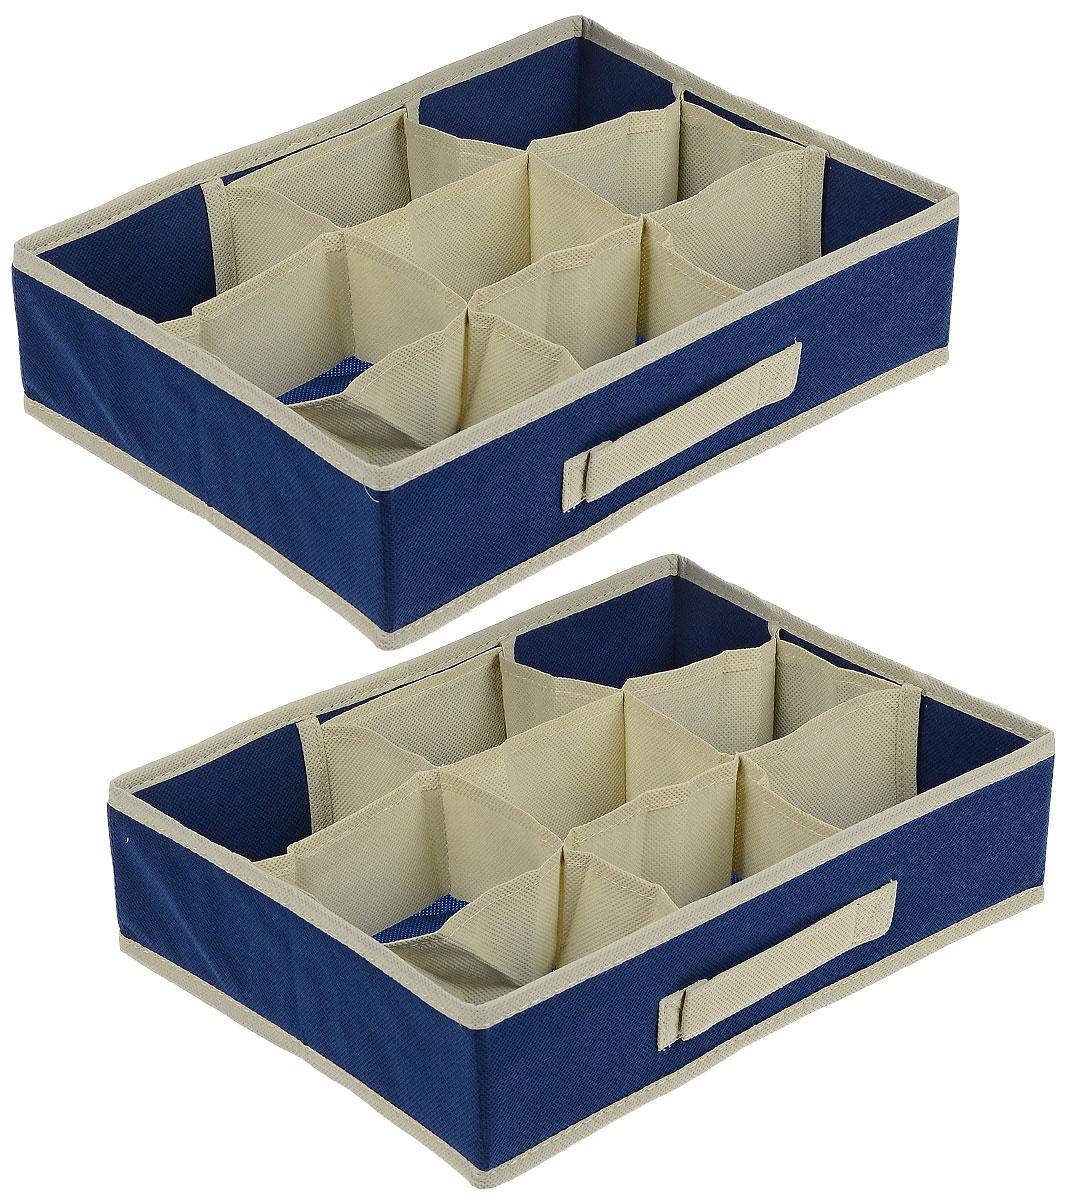 Чехол-коробка для одежды Cosatto Voila, цвет: синий, бежевый, 9 отделений, 2 штАС20300Чехол-коробка Cosatto Voila поможет легко и красиво организовать пространство в кладовой, спальне или гардеробе. Изделие выполнено из дышащего нетканого материала (полипропилен). Практичный и долговечный чехол оснащен 9 отделениями для более экономичного использования пространства шкафов и комодов. Нижнее белье, купальники, ремни и прочие мелкие предметы будут всегда находиться на своем месте. Прочность каркаса обеспечивается наличием плотных листов картона.Складная конструкция обеспечивает компактное хранение.Размер отделения: 13 х 9 х 9 см.Размер чехла-коробки: 35 х 27 х 9 см.